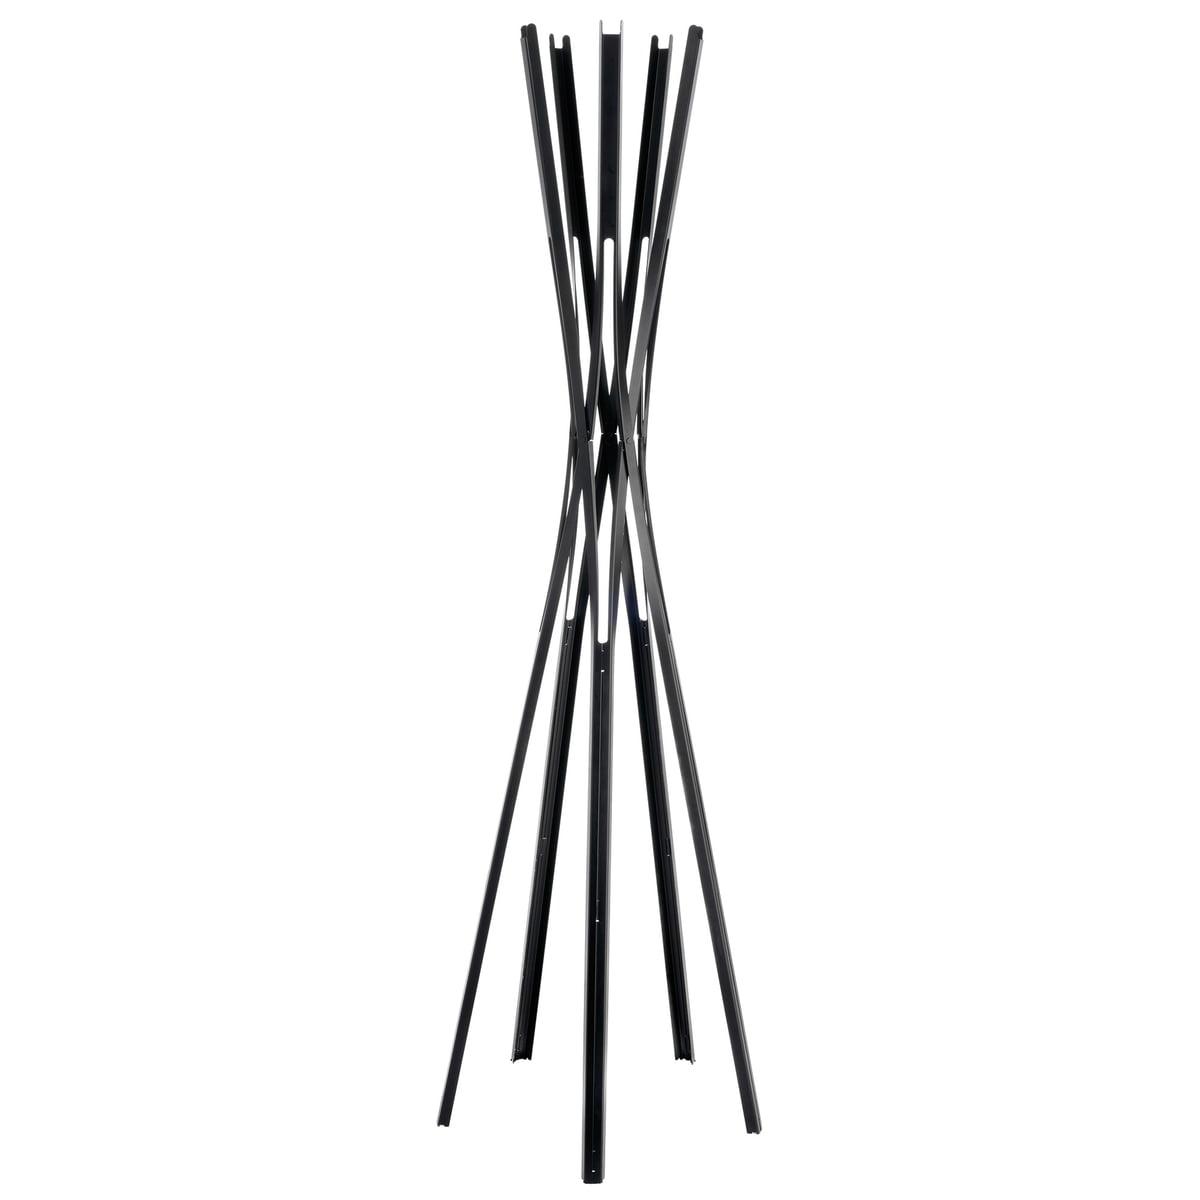 sch nbuch upon garderobenst nder schwarz schwarz h 179. Black Bedroom Furniture Sets. Home Design Ideas